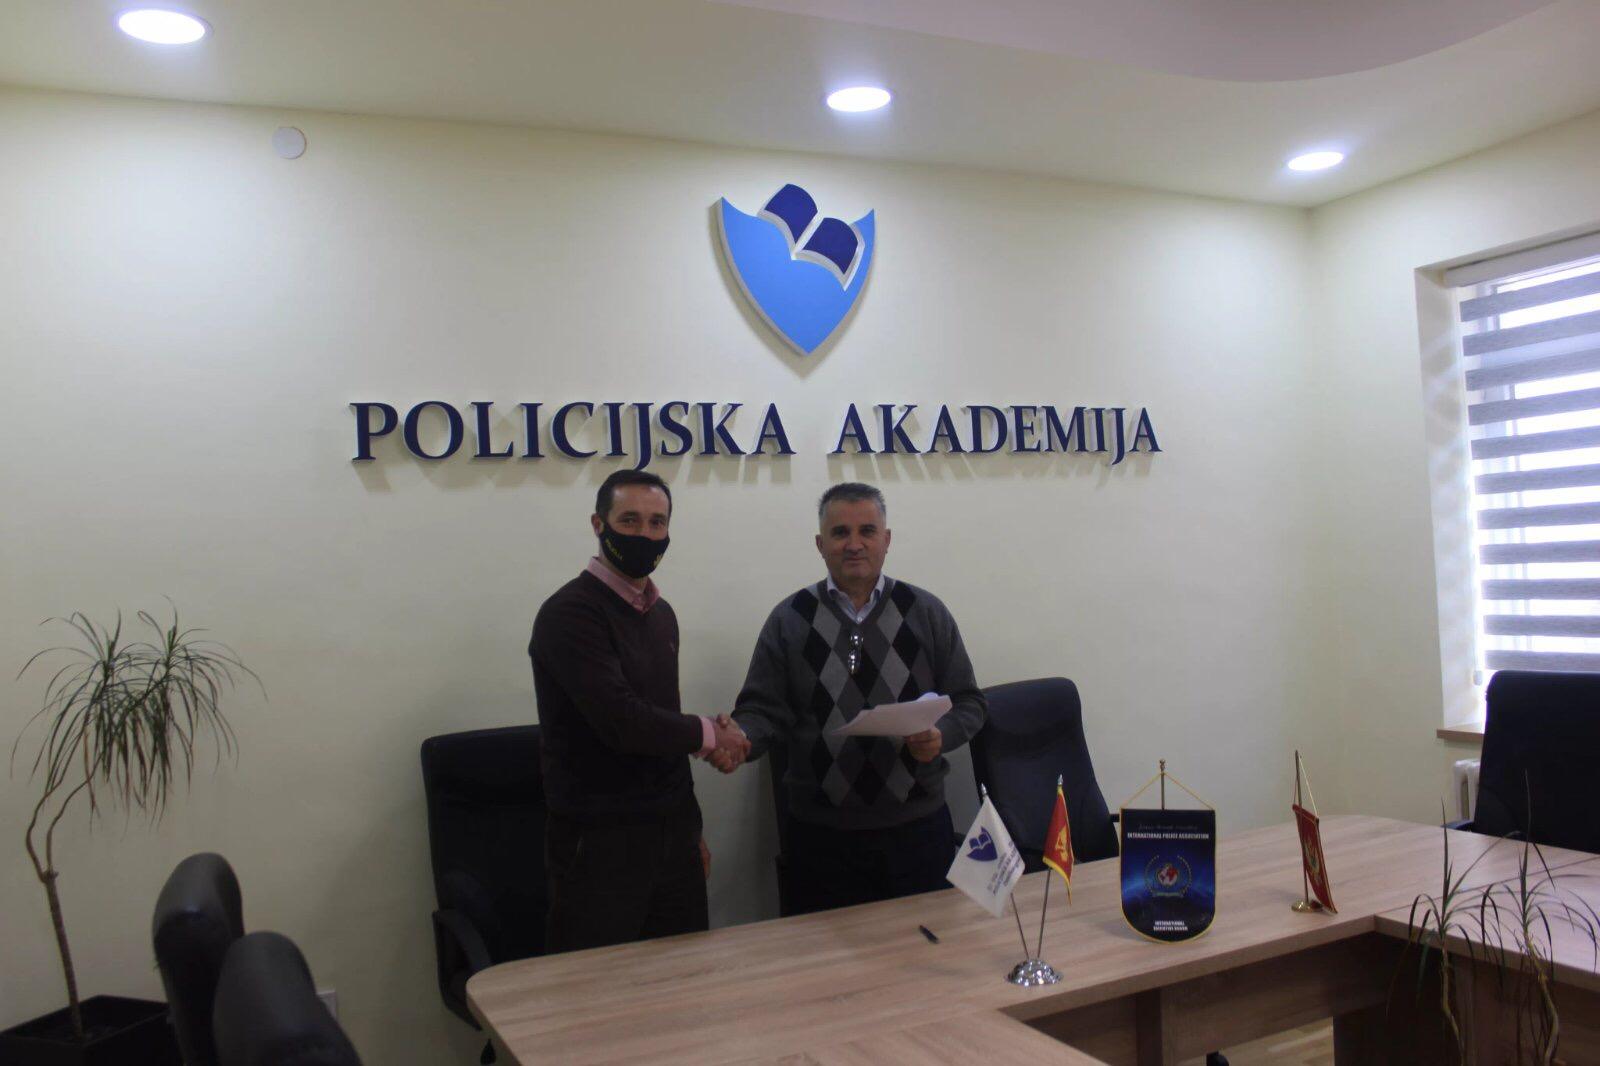 Potpisan Ugovor o saradnji sa Policijskom akademijom Danilovgrad